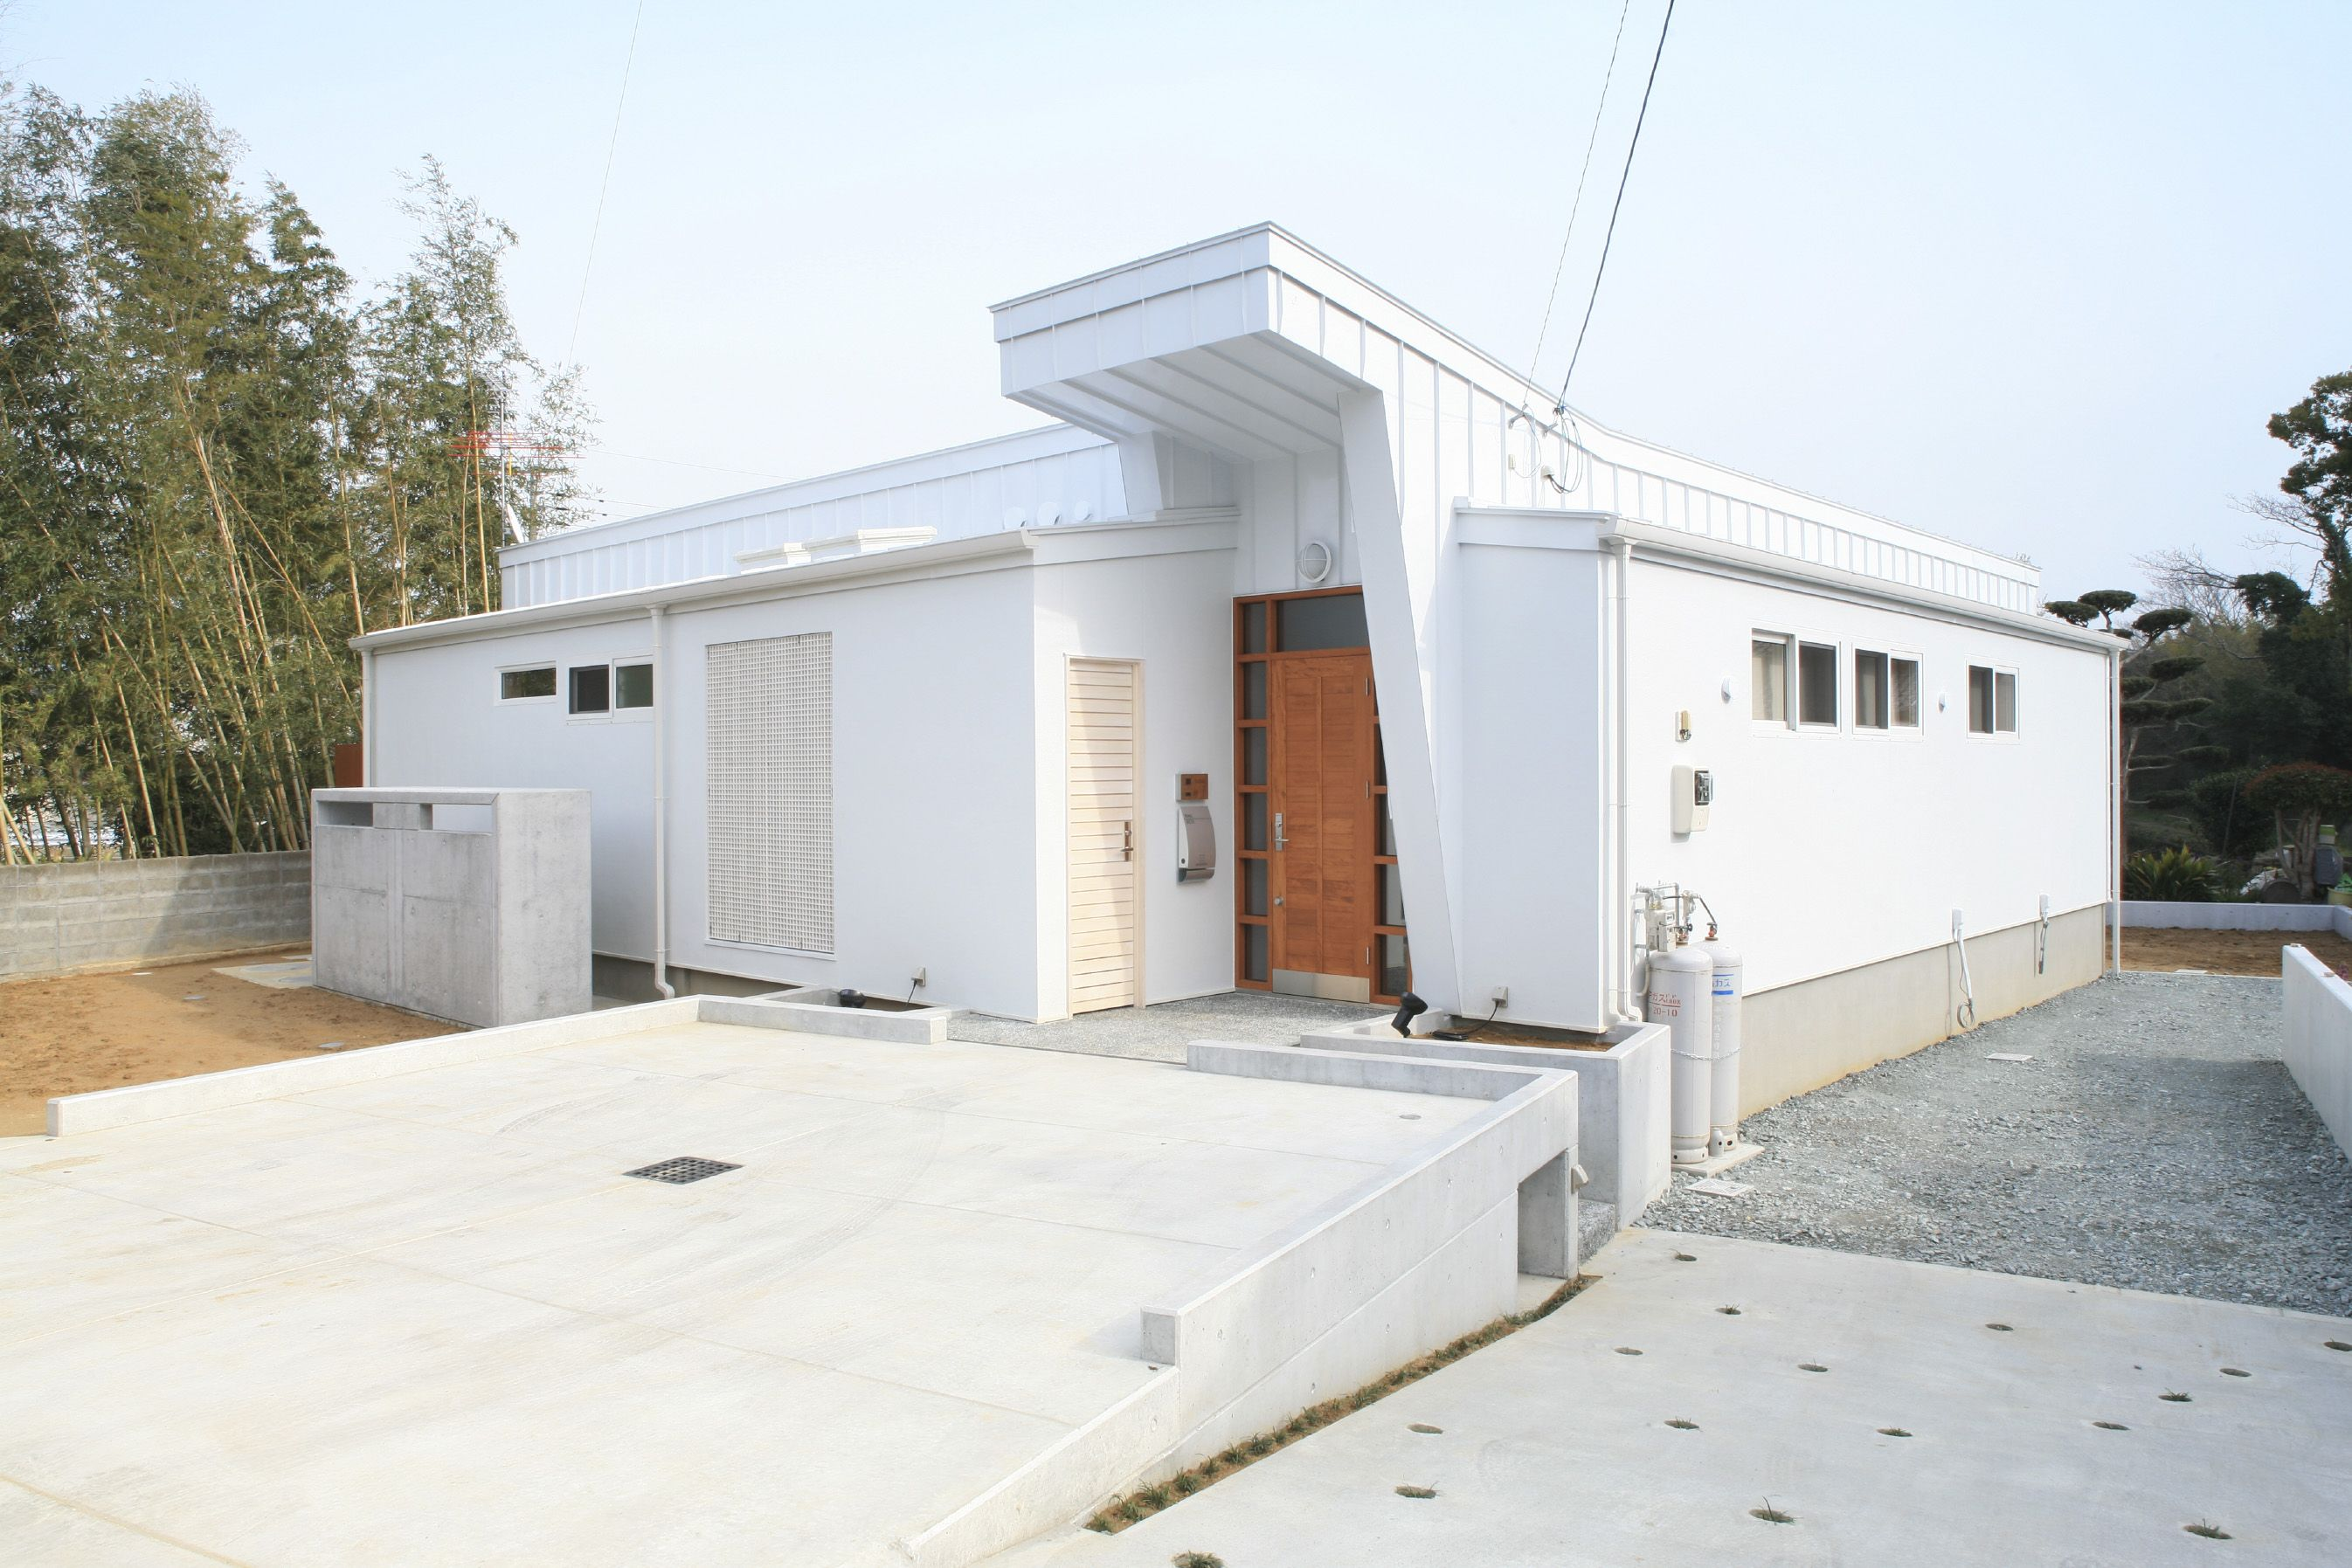 アクティブデザインが手がけた新築住宅 新築 住宅 デザイン 住宅